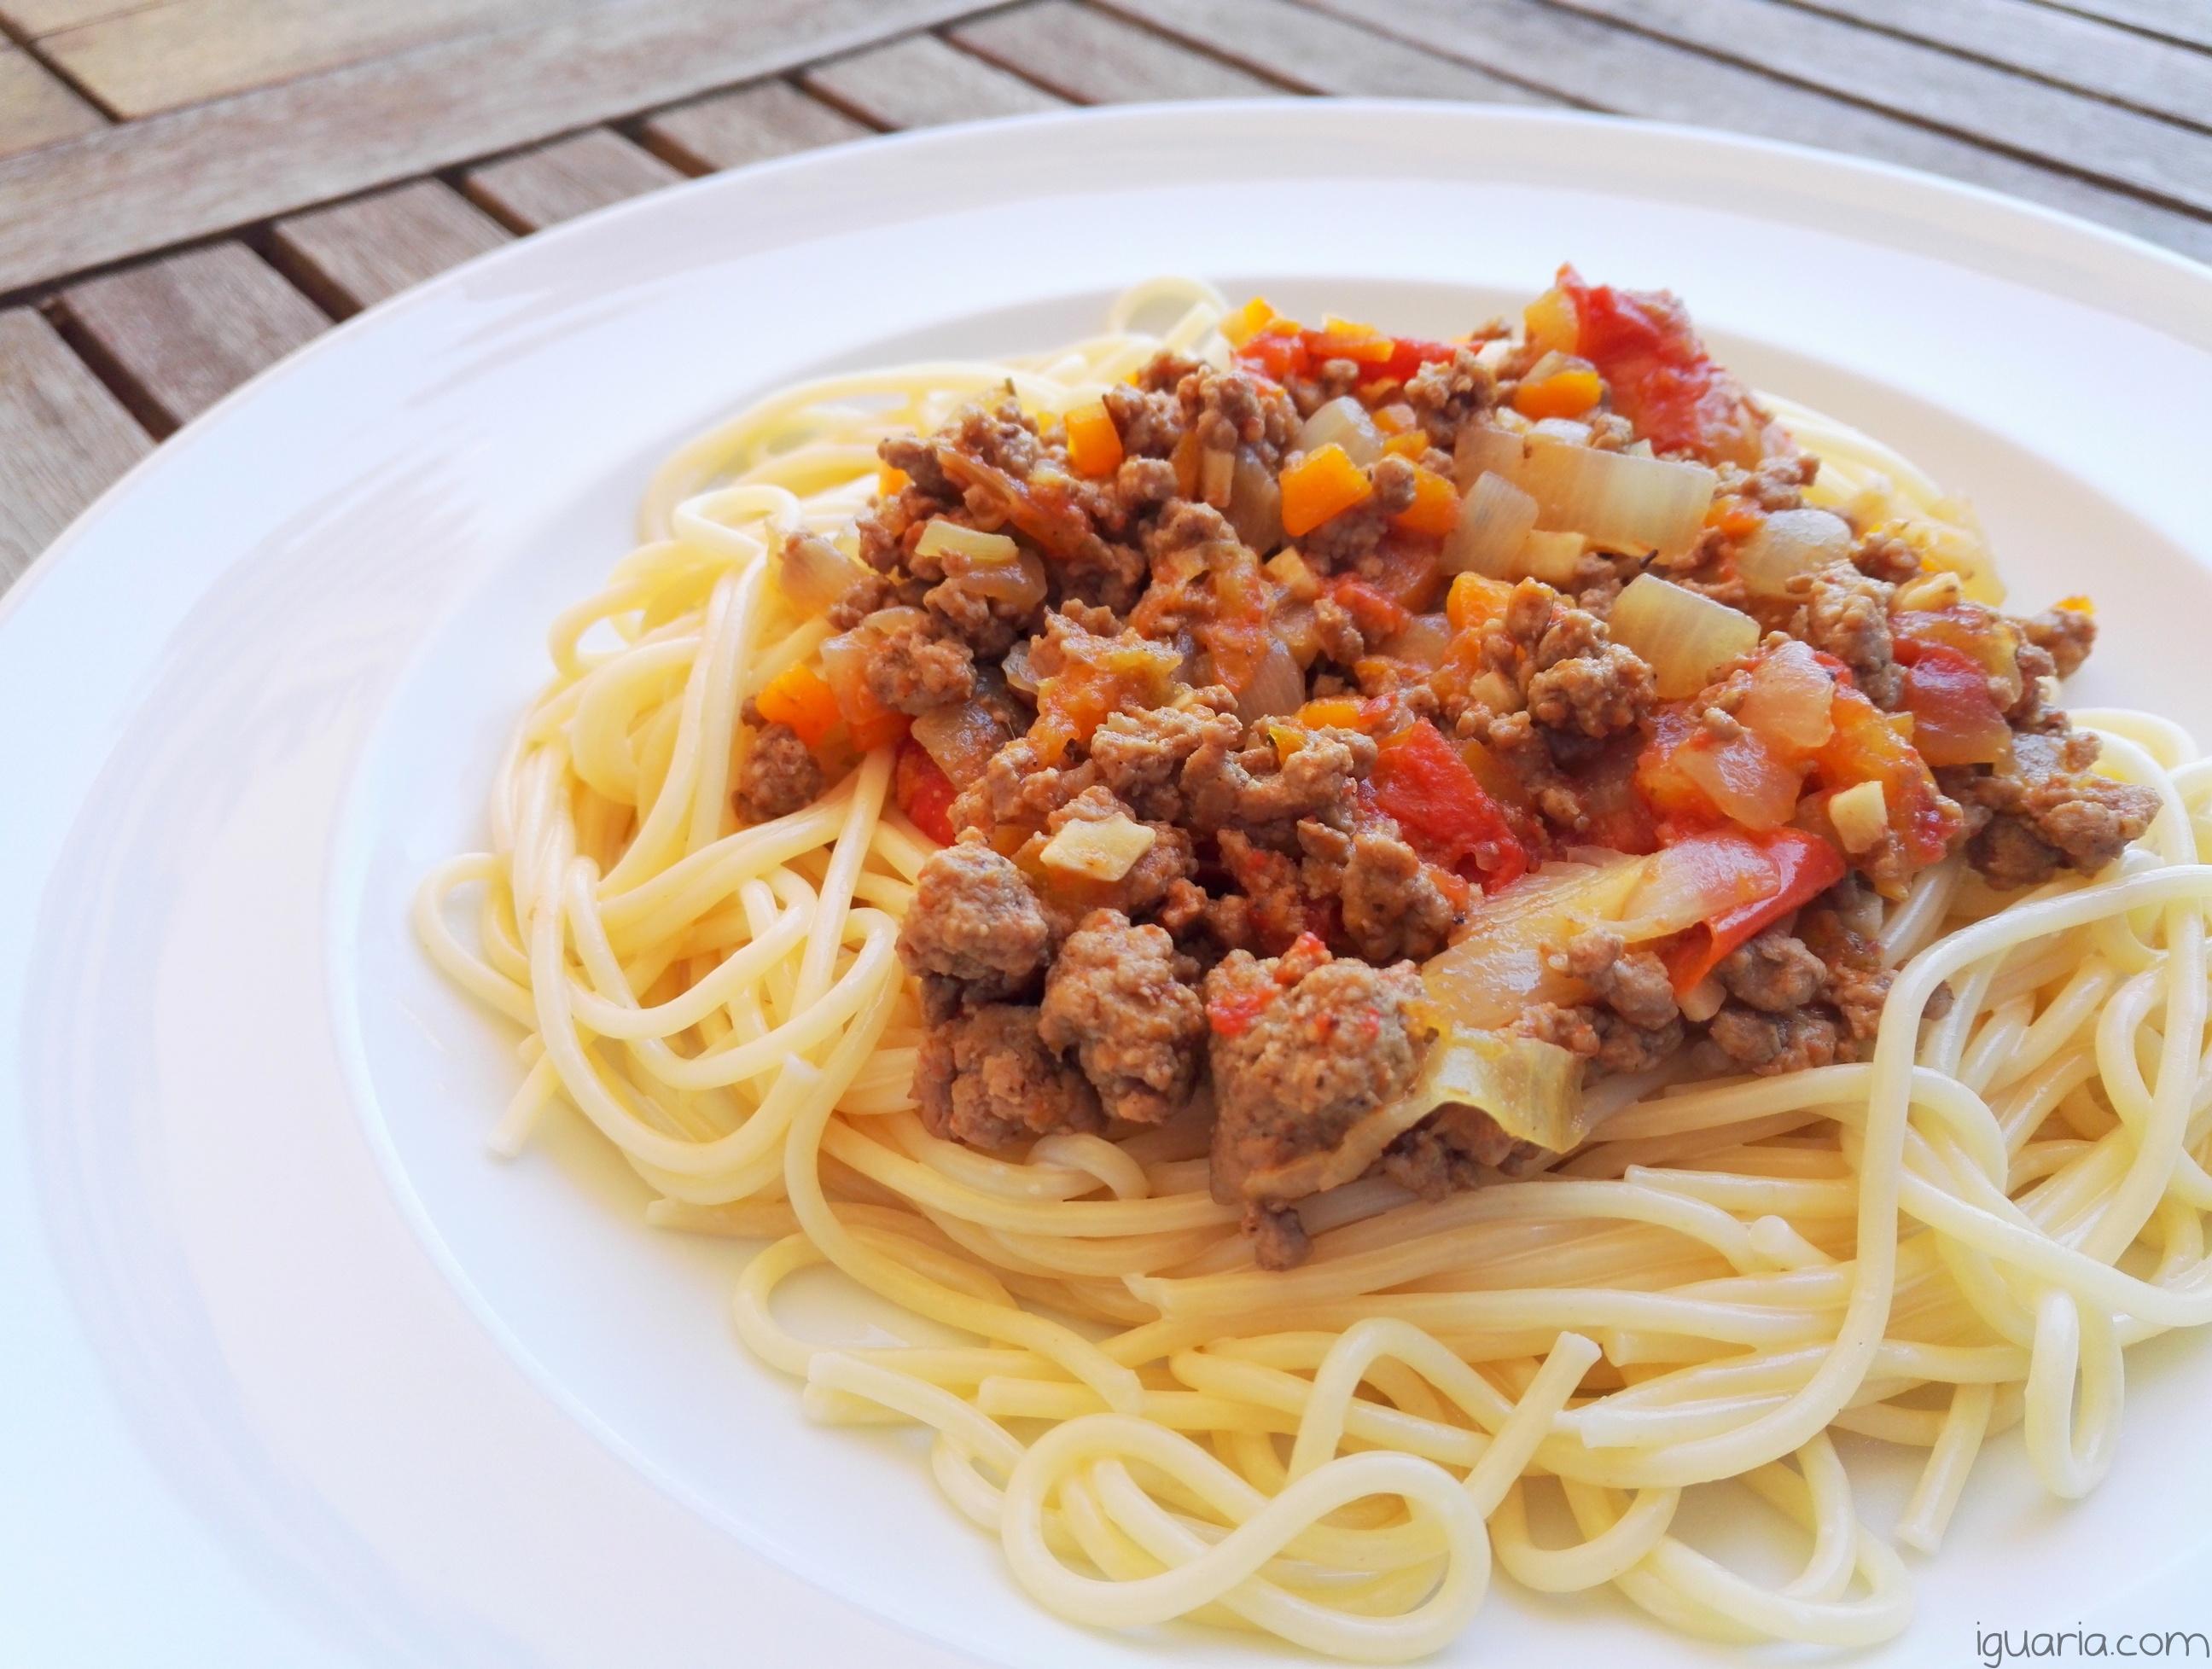 Iguaria_Esparguete-com-Carne-e-Tomate